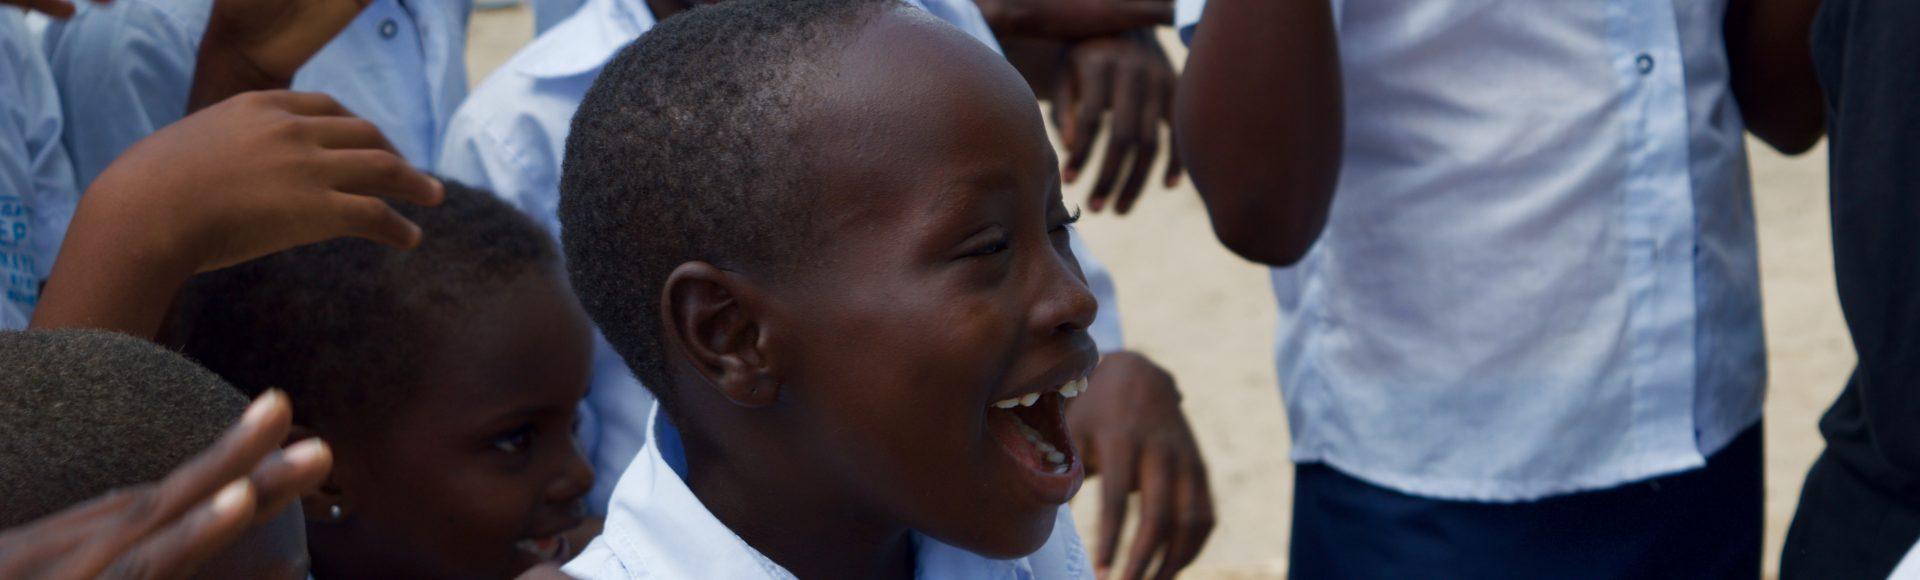 Bouwen aan weeshuizen in Muanda, DR Congo